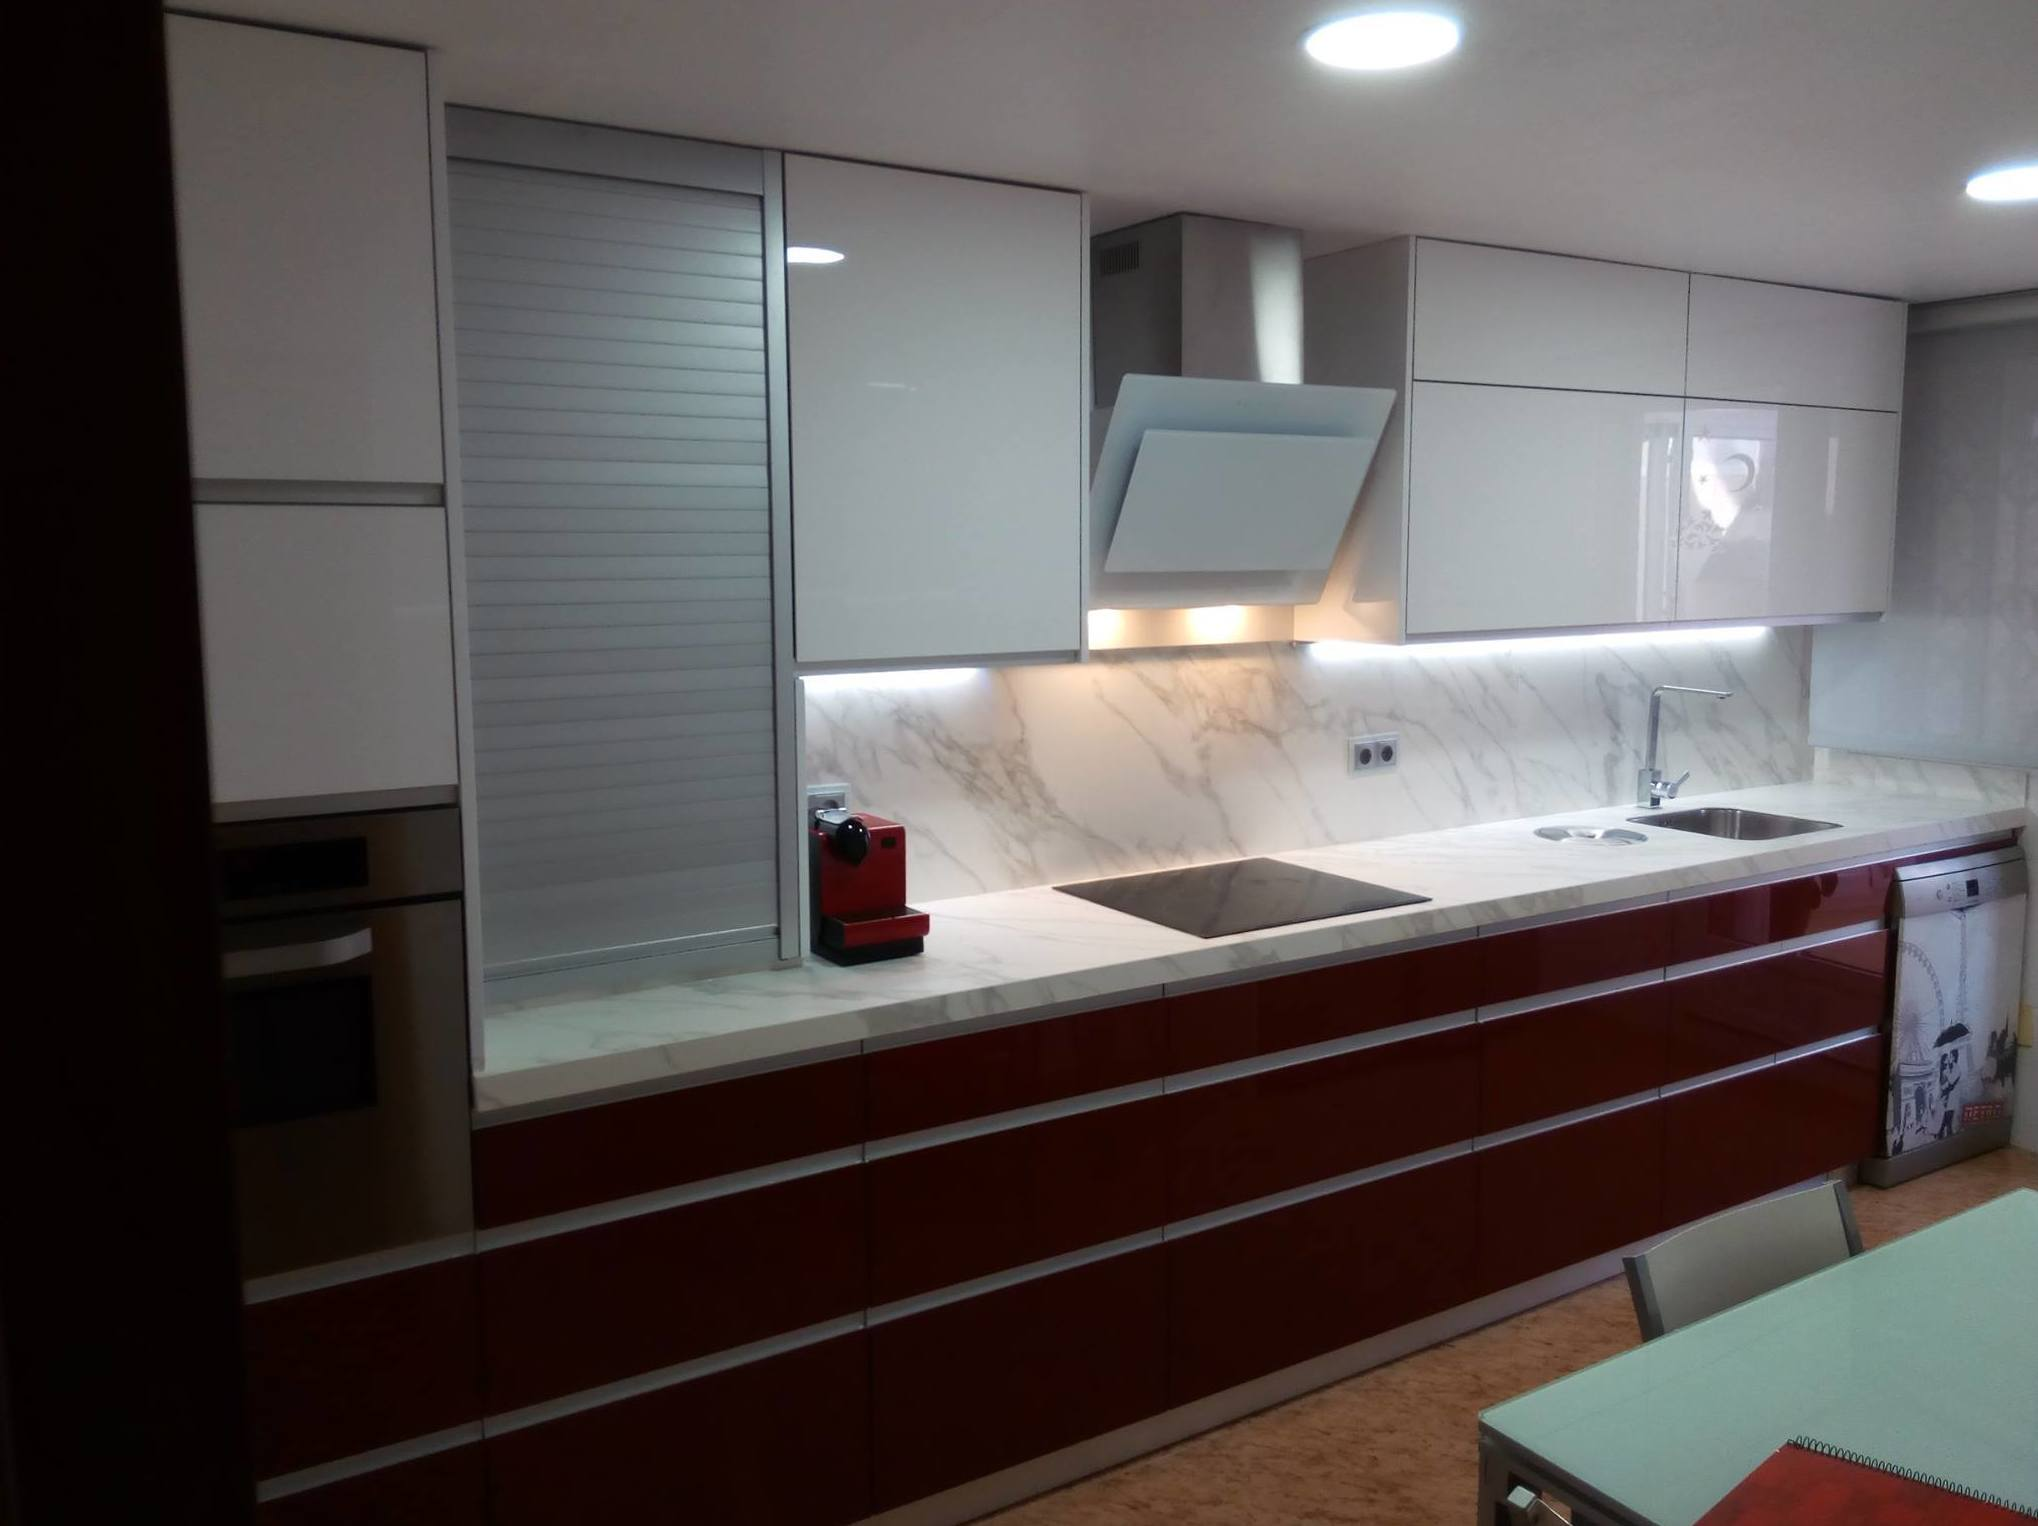 Foto 11 De Muebles De Cocina En Torrevieja Prior Cocinas # Muebles Torrevieja